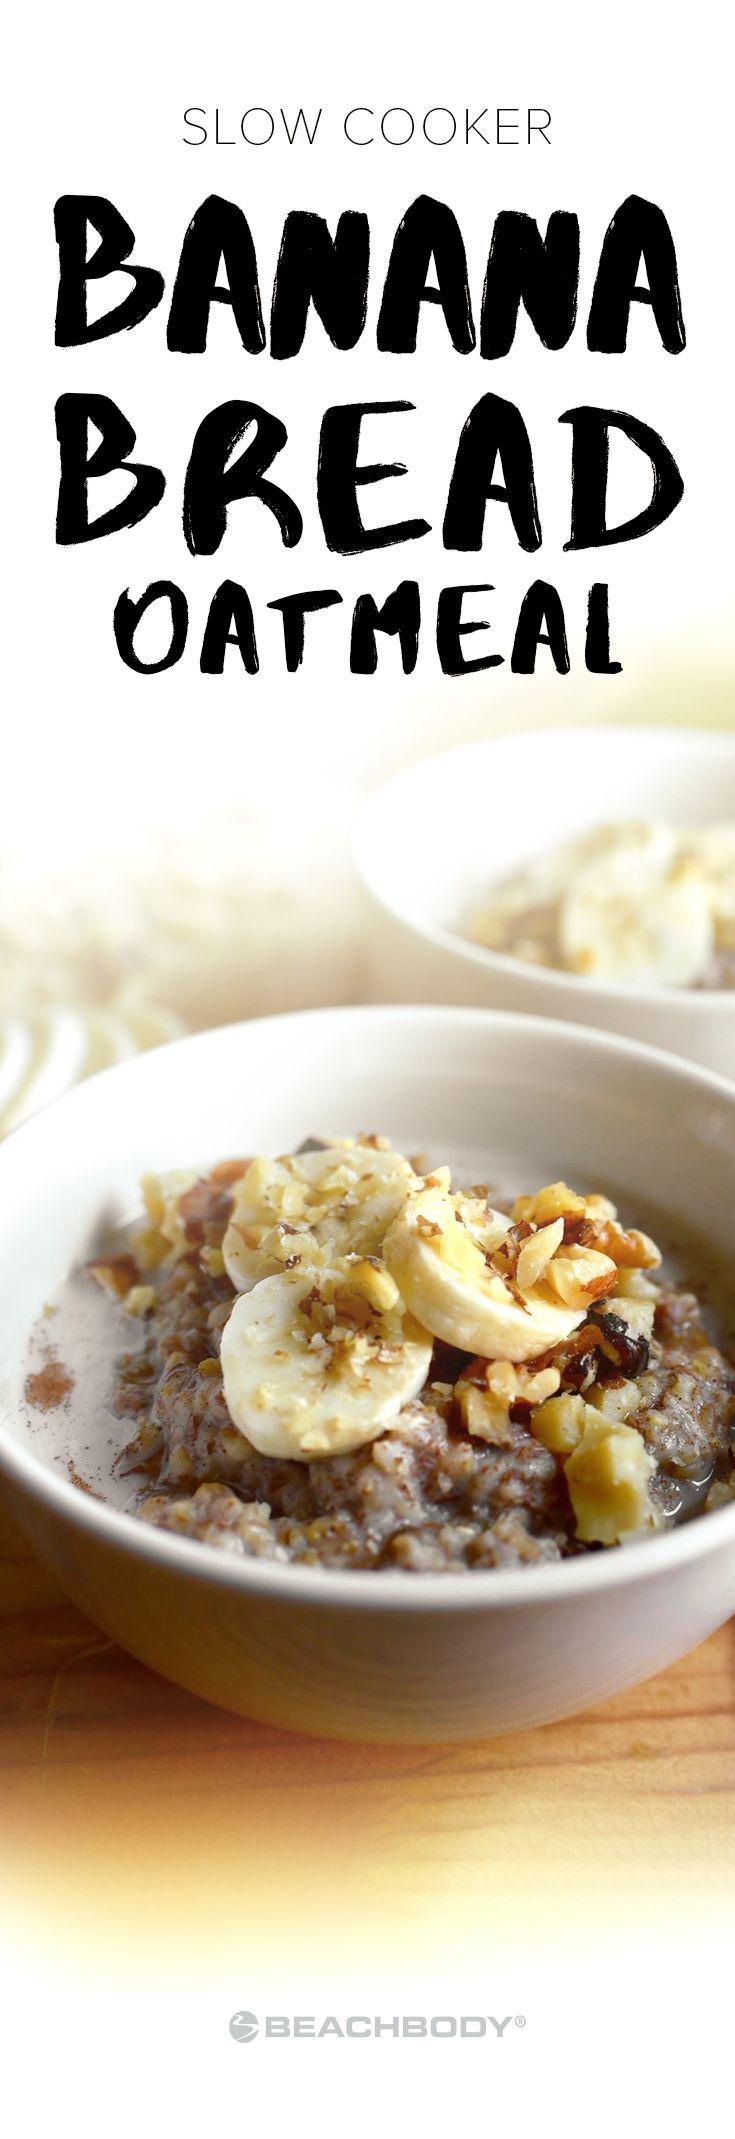 slow cooker banana bread oatmeal rezept gesundes. Black Bedroom Furniture Sets. Home Design Ideas